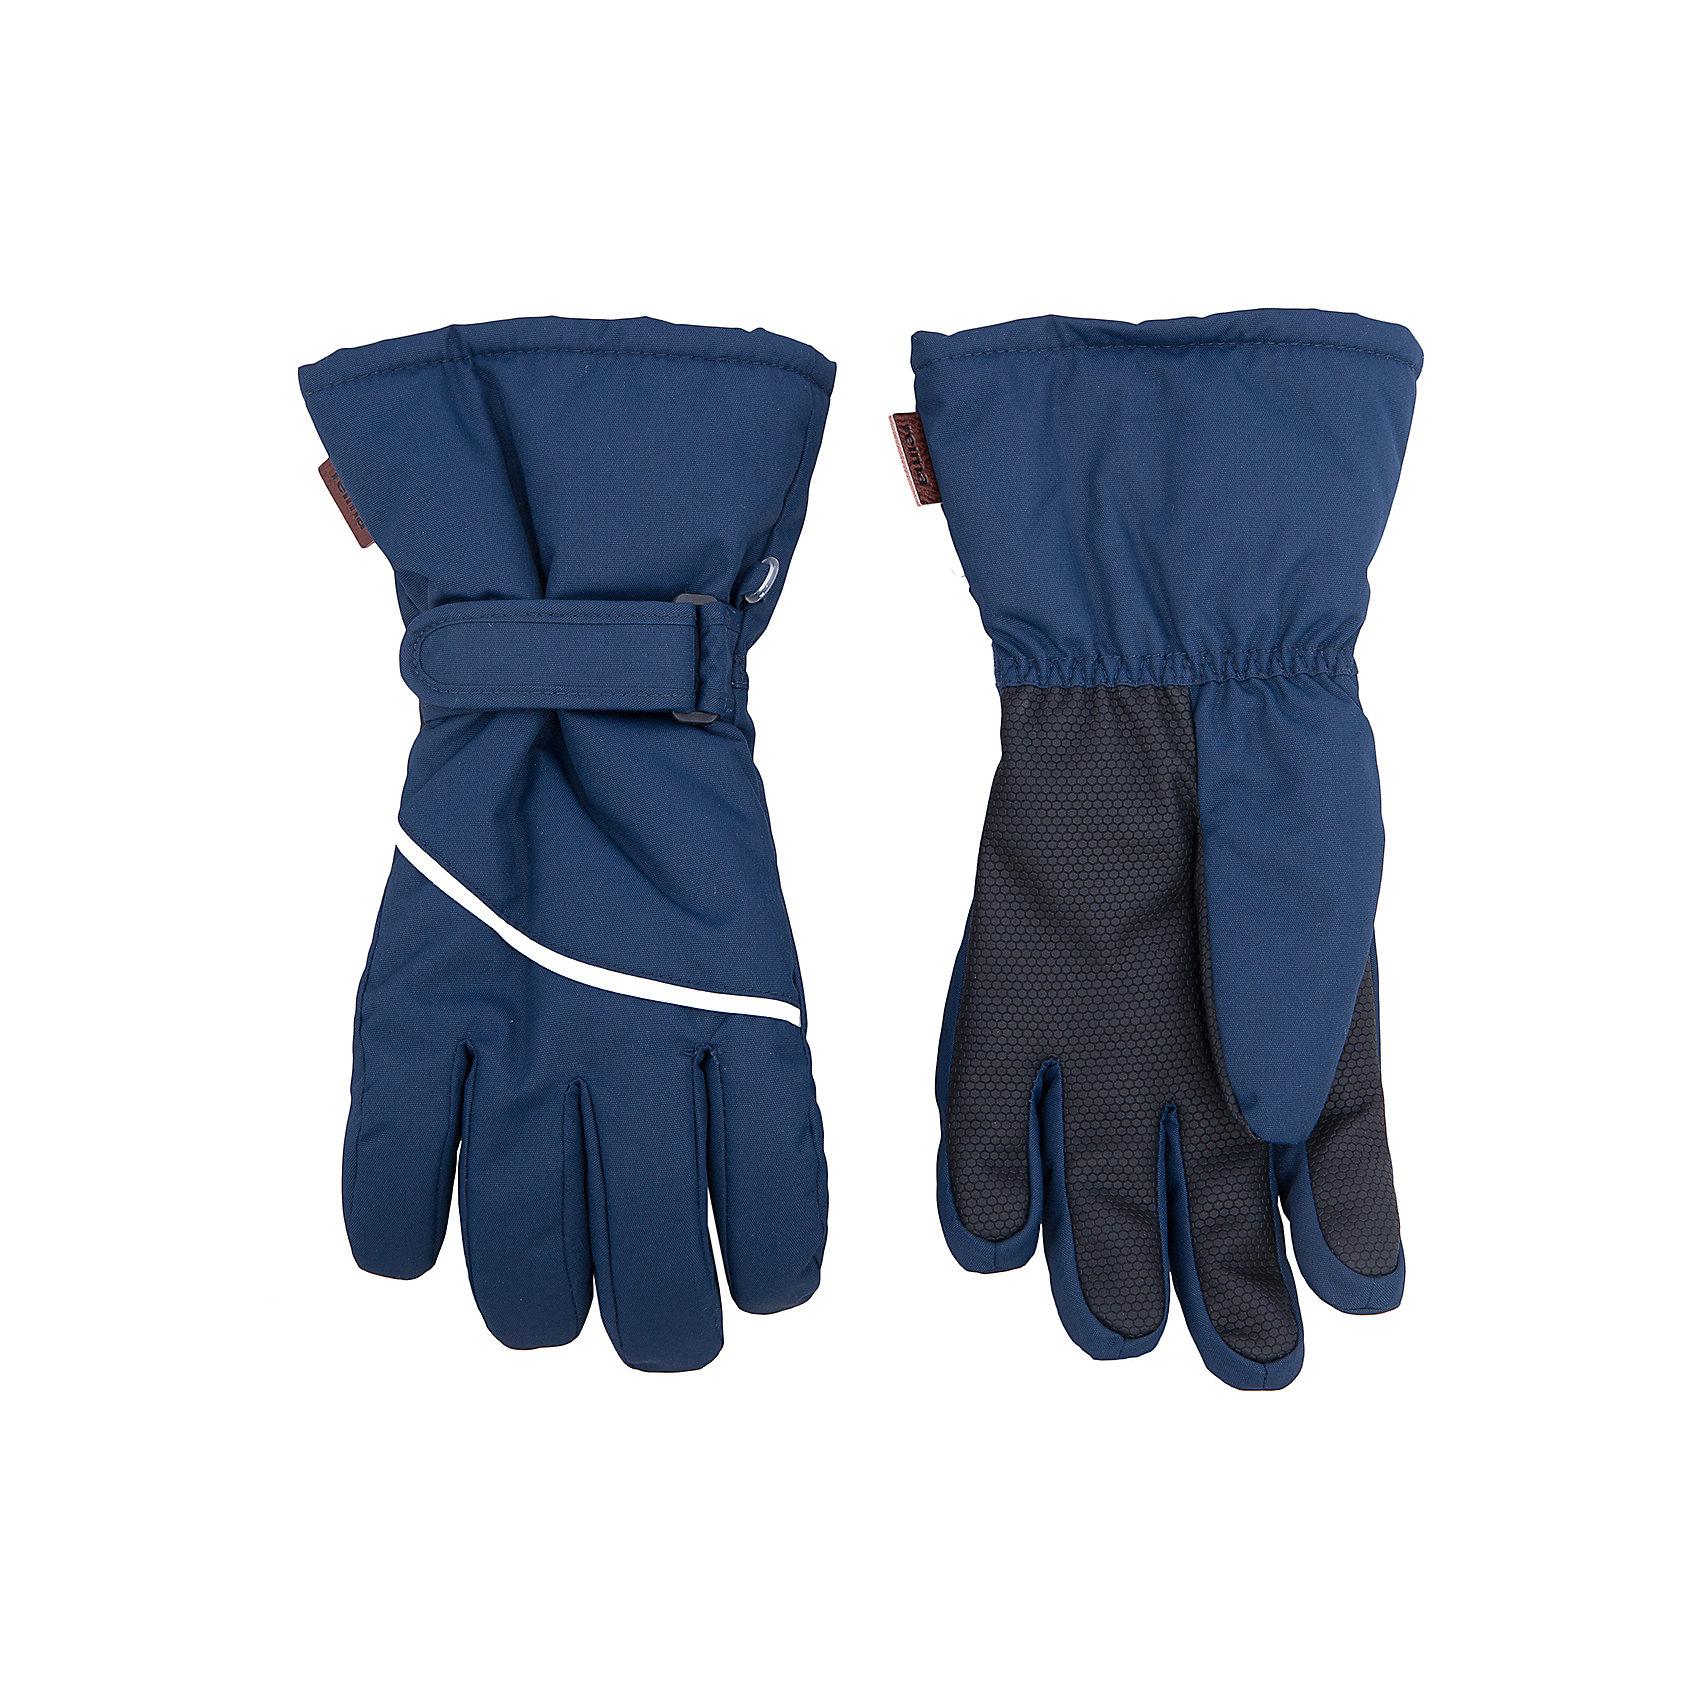 Перчатки Harald для мальчика ReimaПерчатки, варежки<br>Перчатки  Reima<br>Зимние перчатки для детей. Водонепроницаемый материал, вставки отсутствуют — товар не является водонепроницаемым. Водо- и ветронепроницаемый и грязеотталкивающий материал. Накладки на ладонях, кончиках пальцев и больших пальцах. Теплая ворсистая подкладка из ткани из смеси шерсти. Средняя степень утепления. Простая застежка на липучке. Логотип Reima® сбоку. Светоотражающие полосы.<br>Утеплитель: Reima® Comfortinsulation,80 g<br>Уход:<br>Стирать по отдельности. Стирать моющим средством, не содержащим отбеливающие вещества. Полоскать без специального средства. Сушить при низкой температуре. <br>Состав:<br>100% Полиамид, полиуретановое покрытие<br><br>Ширина мм: 162<br>Глубина мм: 171<br>Высота мм: 55<br>Вес г: 119<br>Цвет: синий<br>Возраст от месяцев: 144<br>Возраст до месяцев: 168<br>Пол: Мужской<br>Возраст: Детский<br>Размер: 8,7,3,4,5,6<br>SKU: 4779778